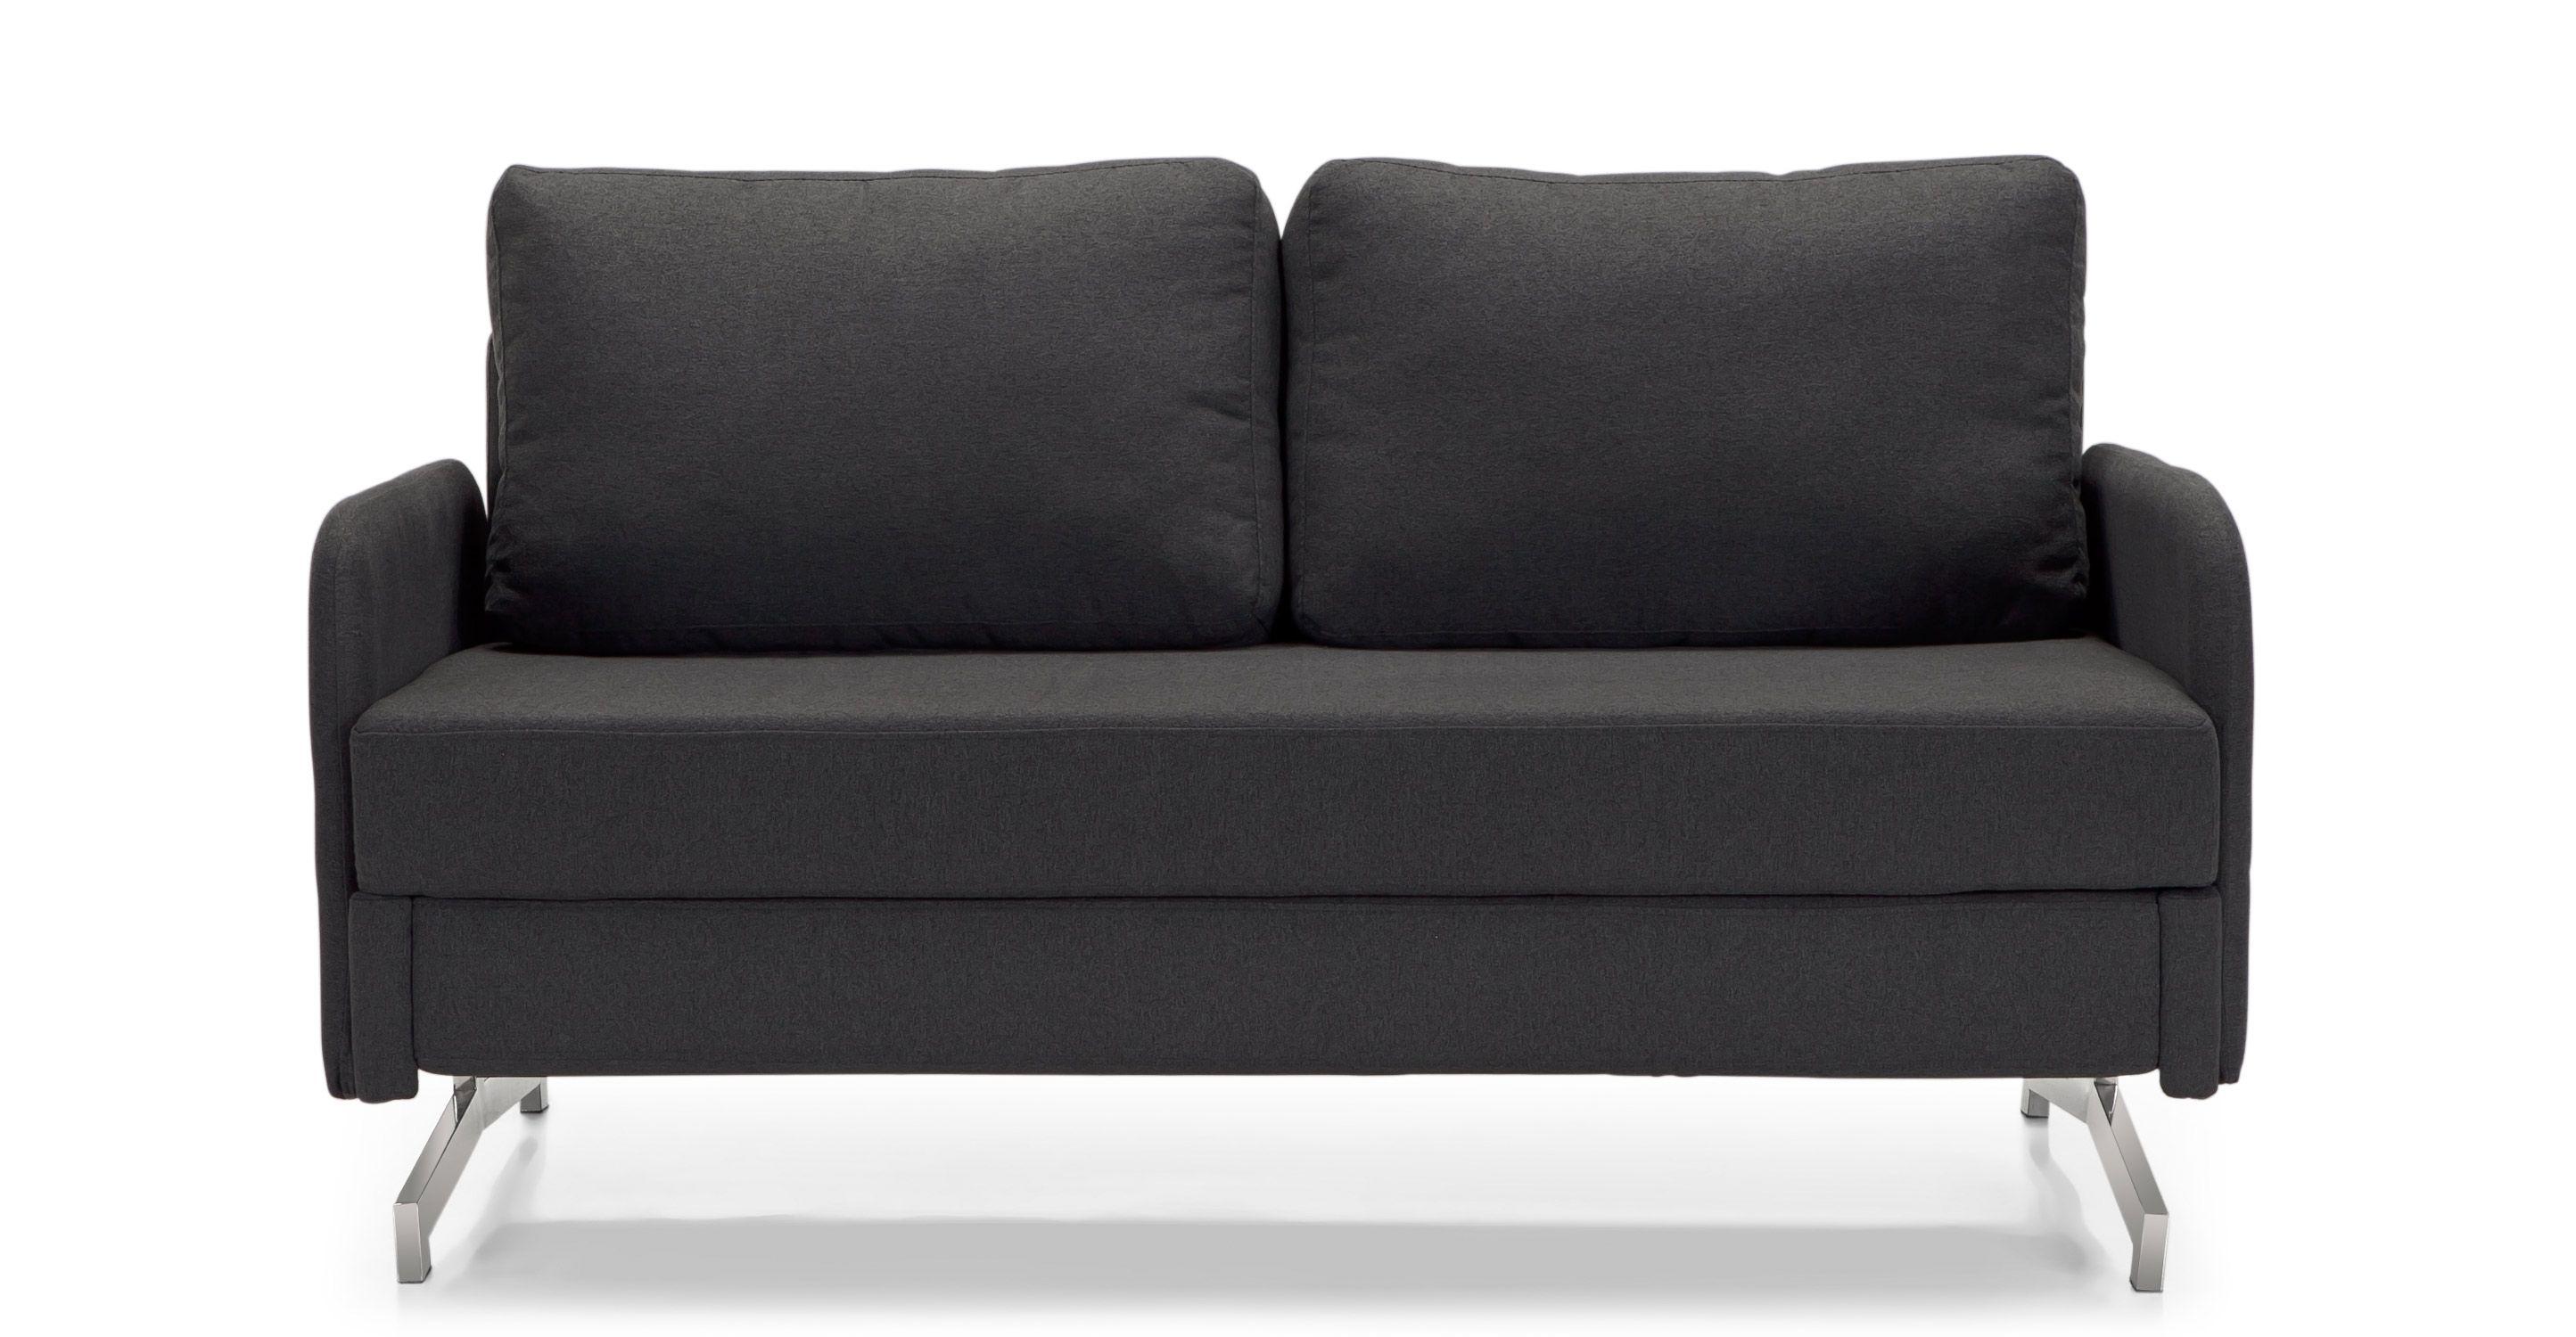 Motti Sofa Bed Bunting Grey Sofa Bed Sofa Small Sofa Bed